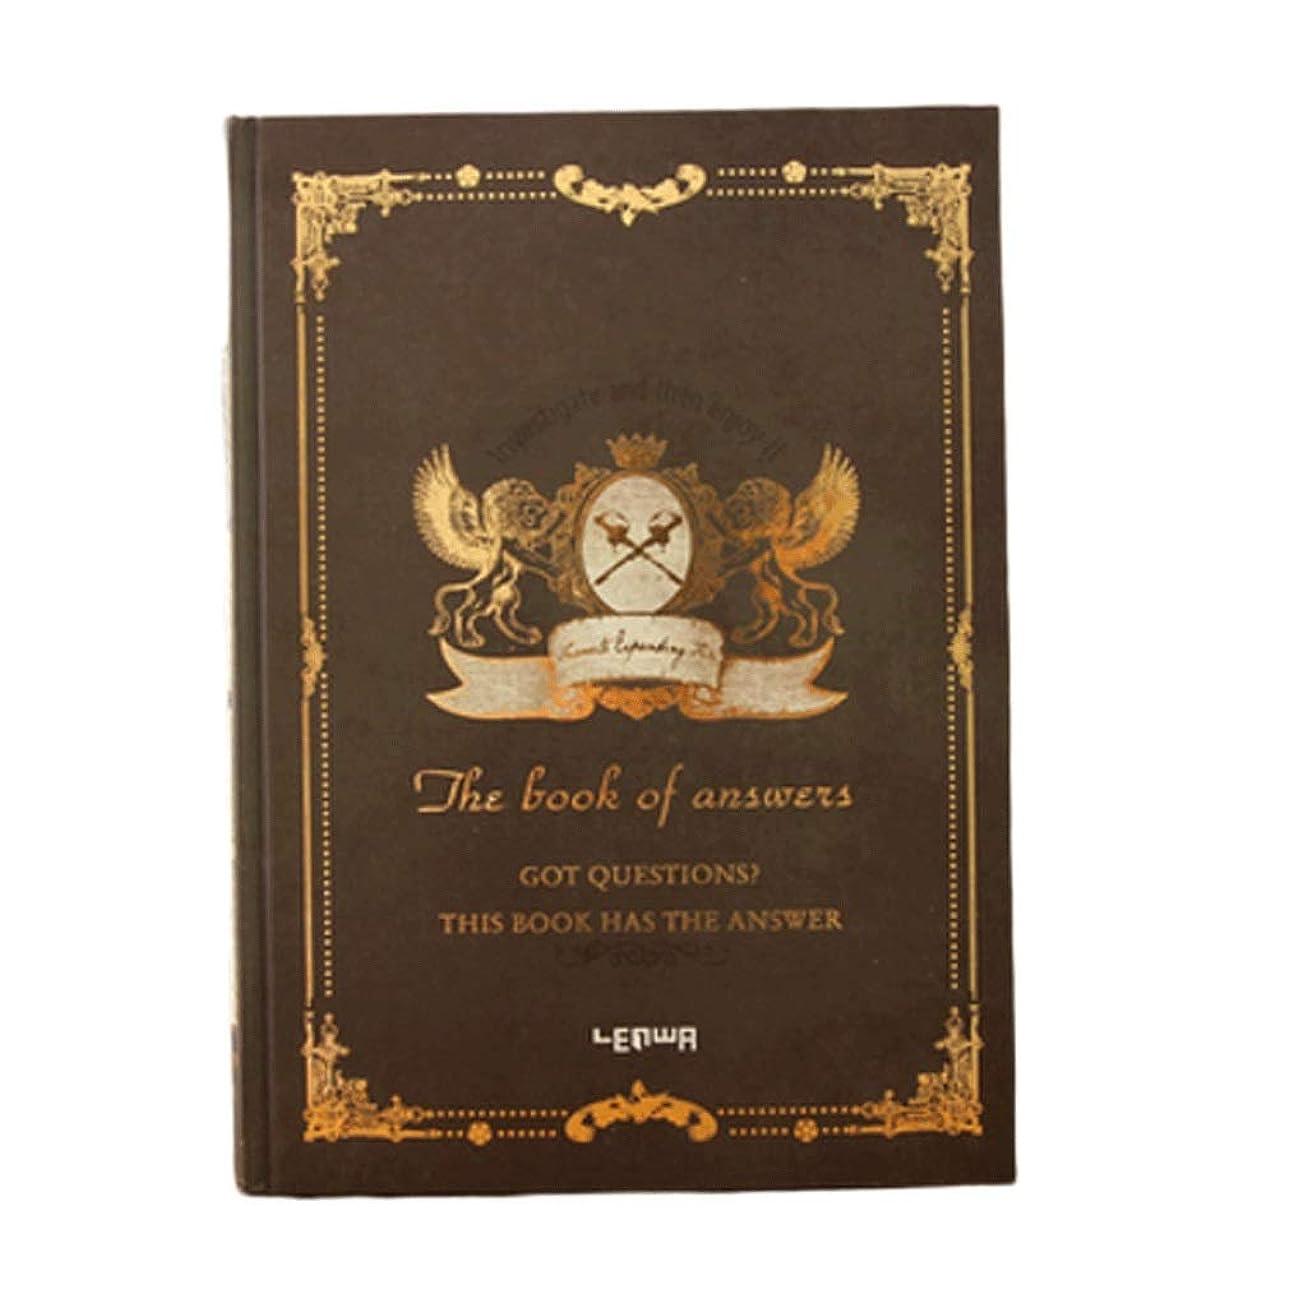 マーベル永久路地ノート ヨーロピアンスタイルのシックなレトロマジックブックノートブックステーショナリートランペットB5シッククリエイティブポータブルノートブックダイアリートラベラーズノートブック メモ帳 ノート (Color : Dark brown)